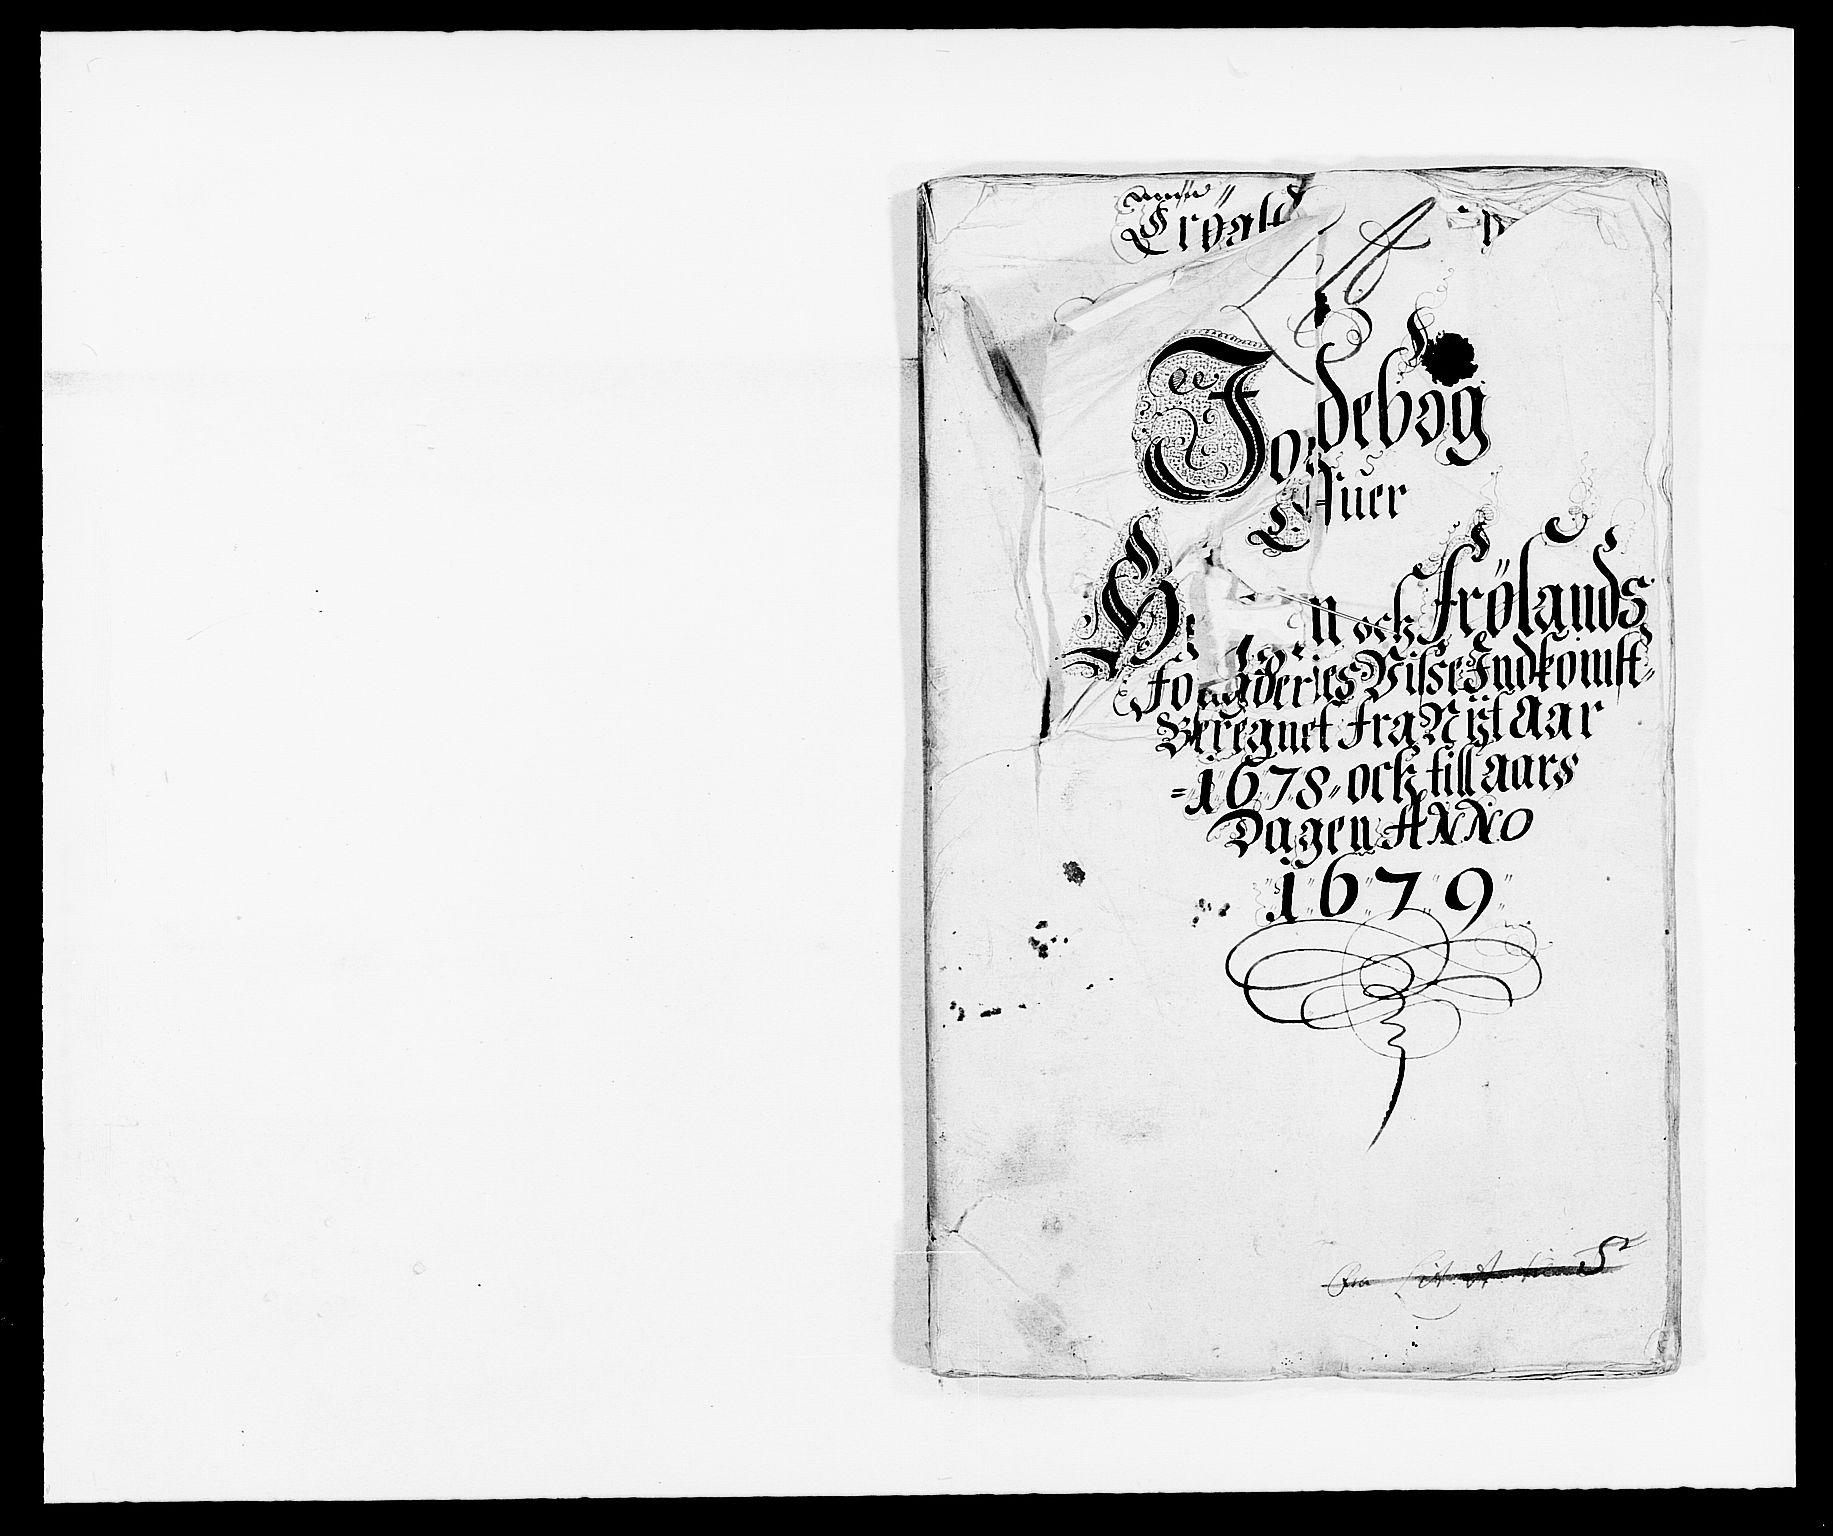 RA, Rentekammeret inntil 1814, Reviderte regnskaper, Fogderegnskap, R06/L0279: Fogderegnskap Heggen og Frøland, 1678-1680, s. 7